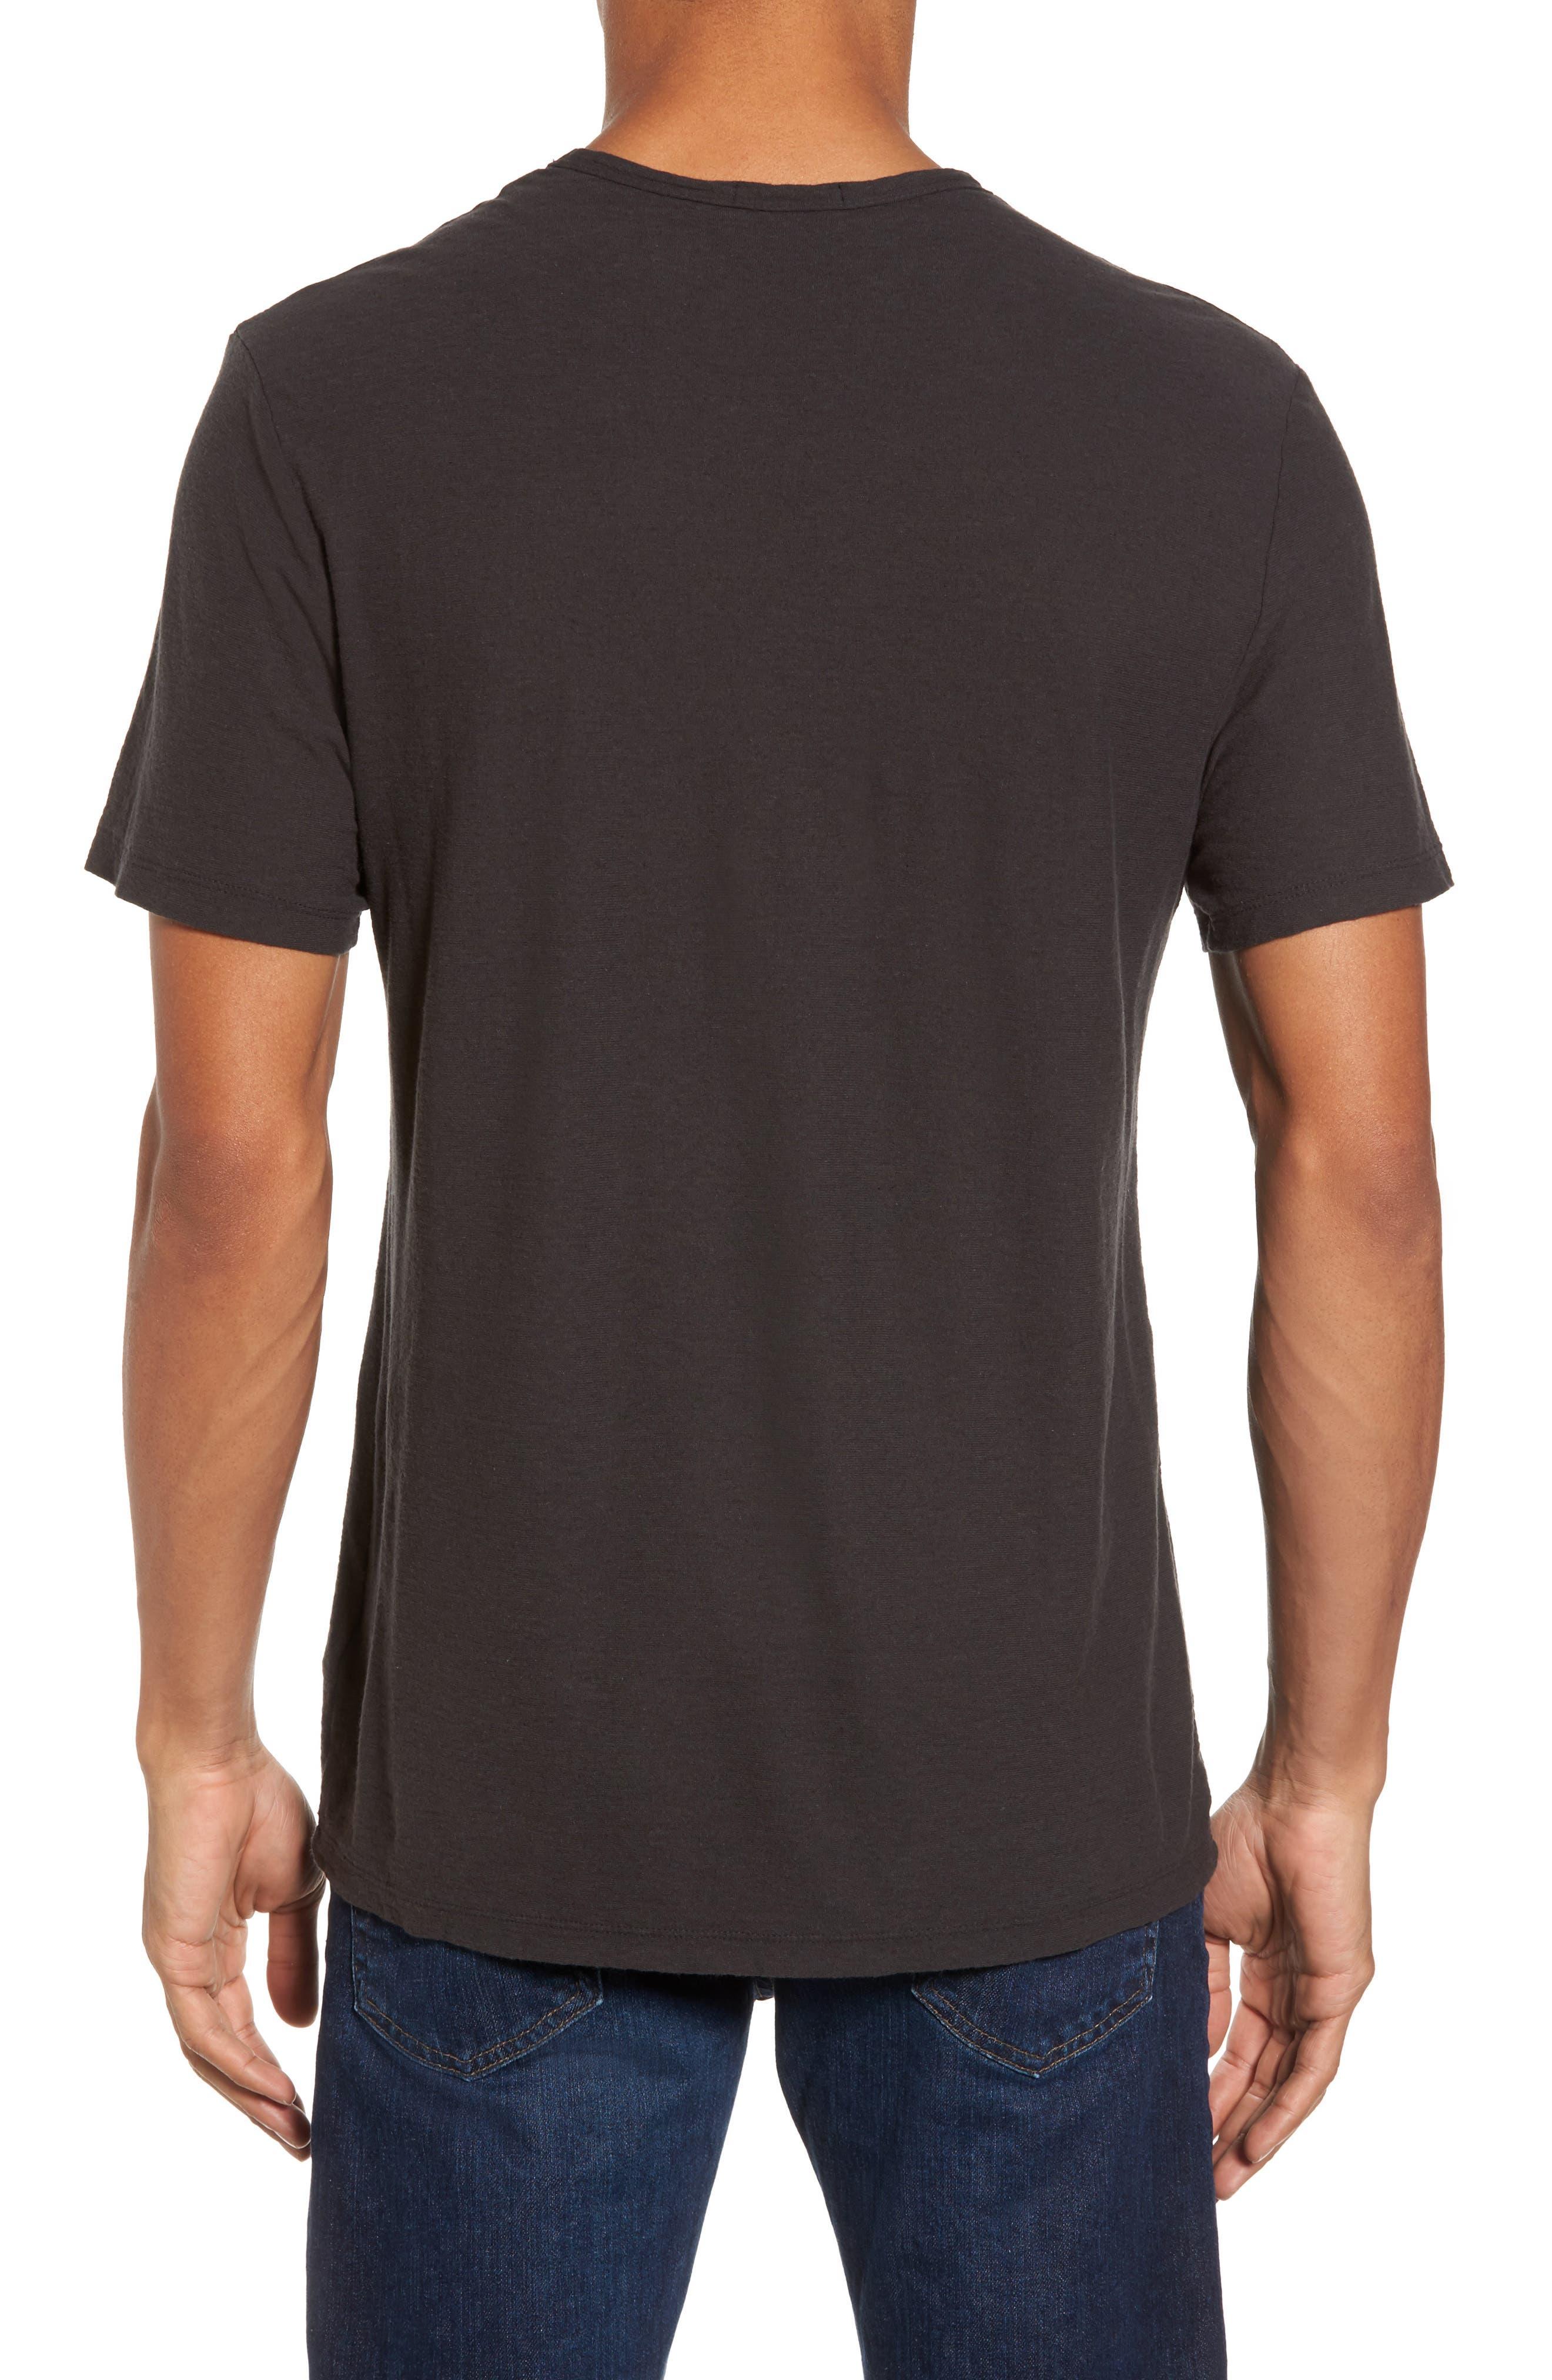 Cotton & Linen Pocket T-Shirt,                             Alternate thumbnail 2, color,                             020